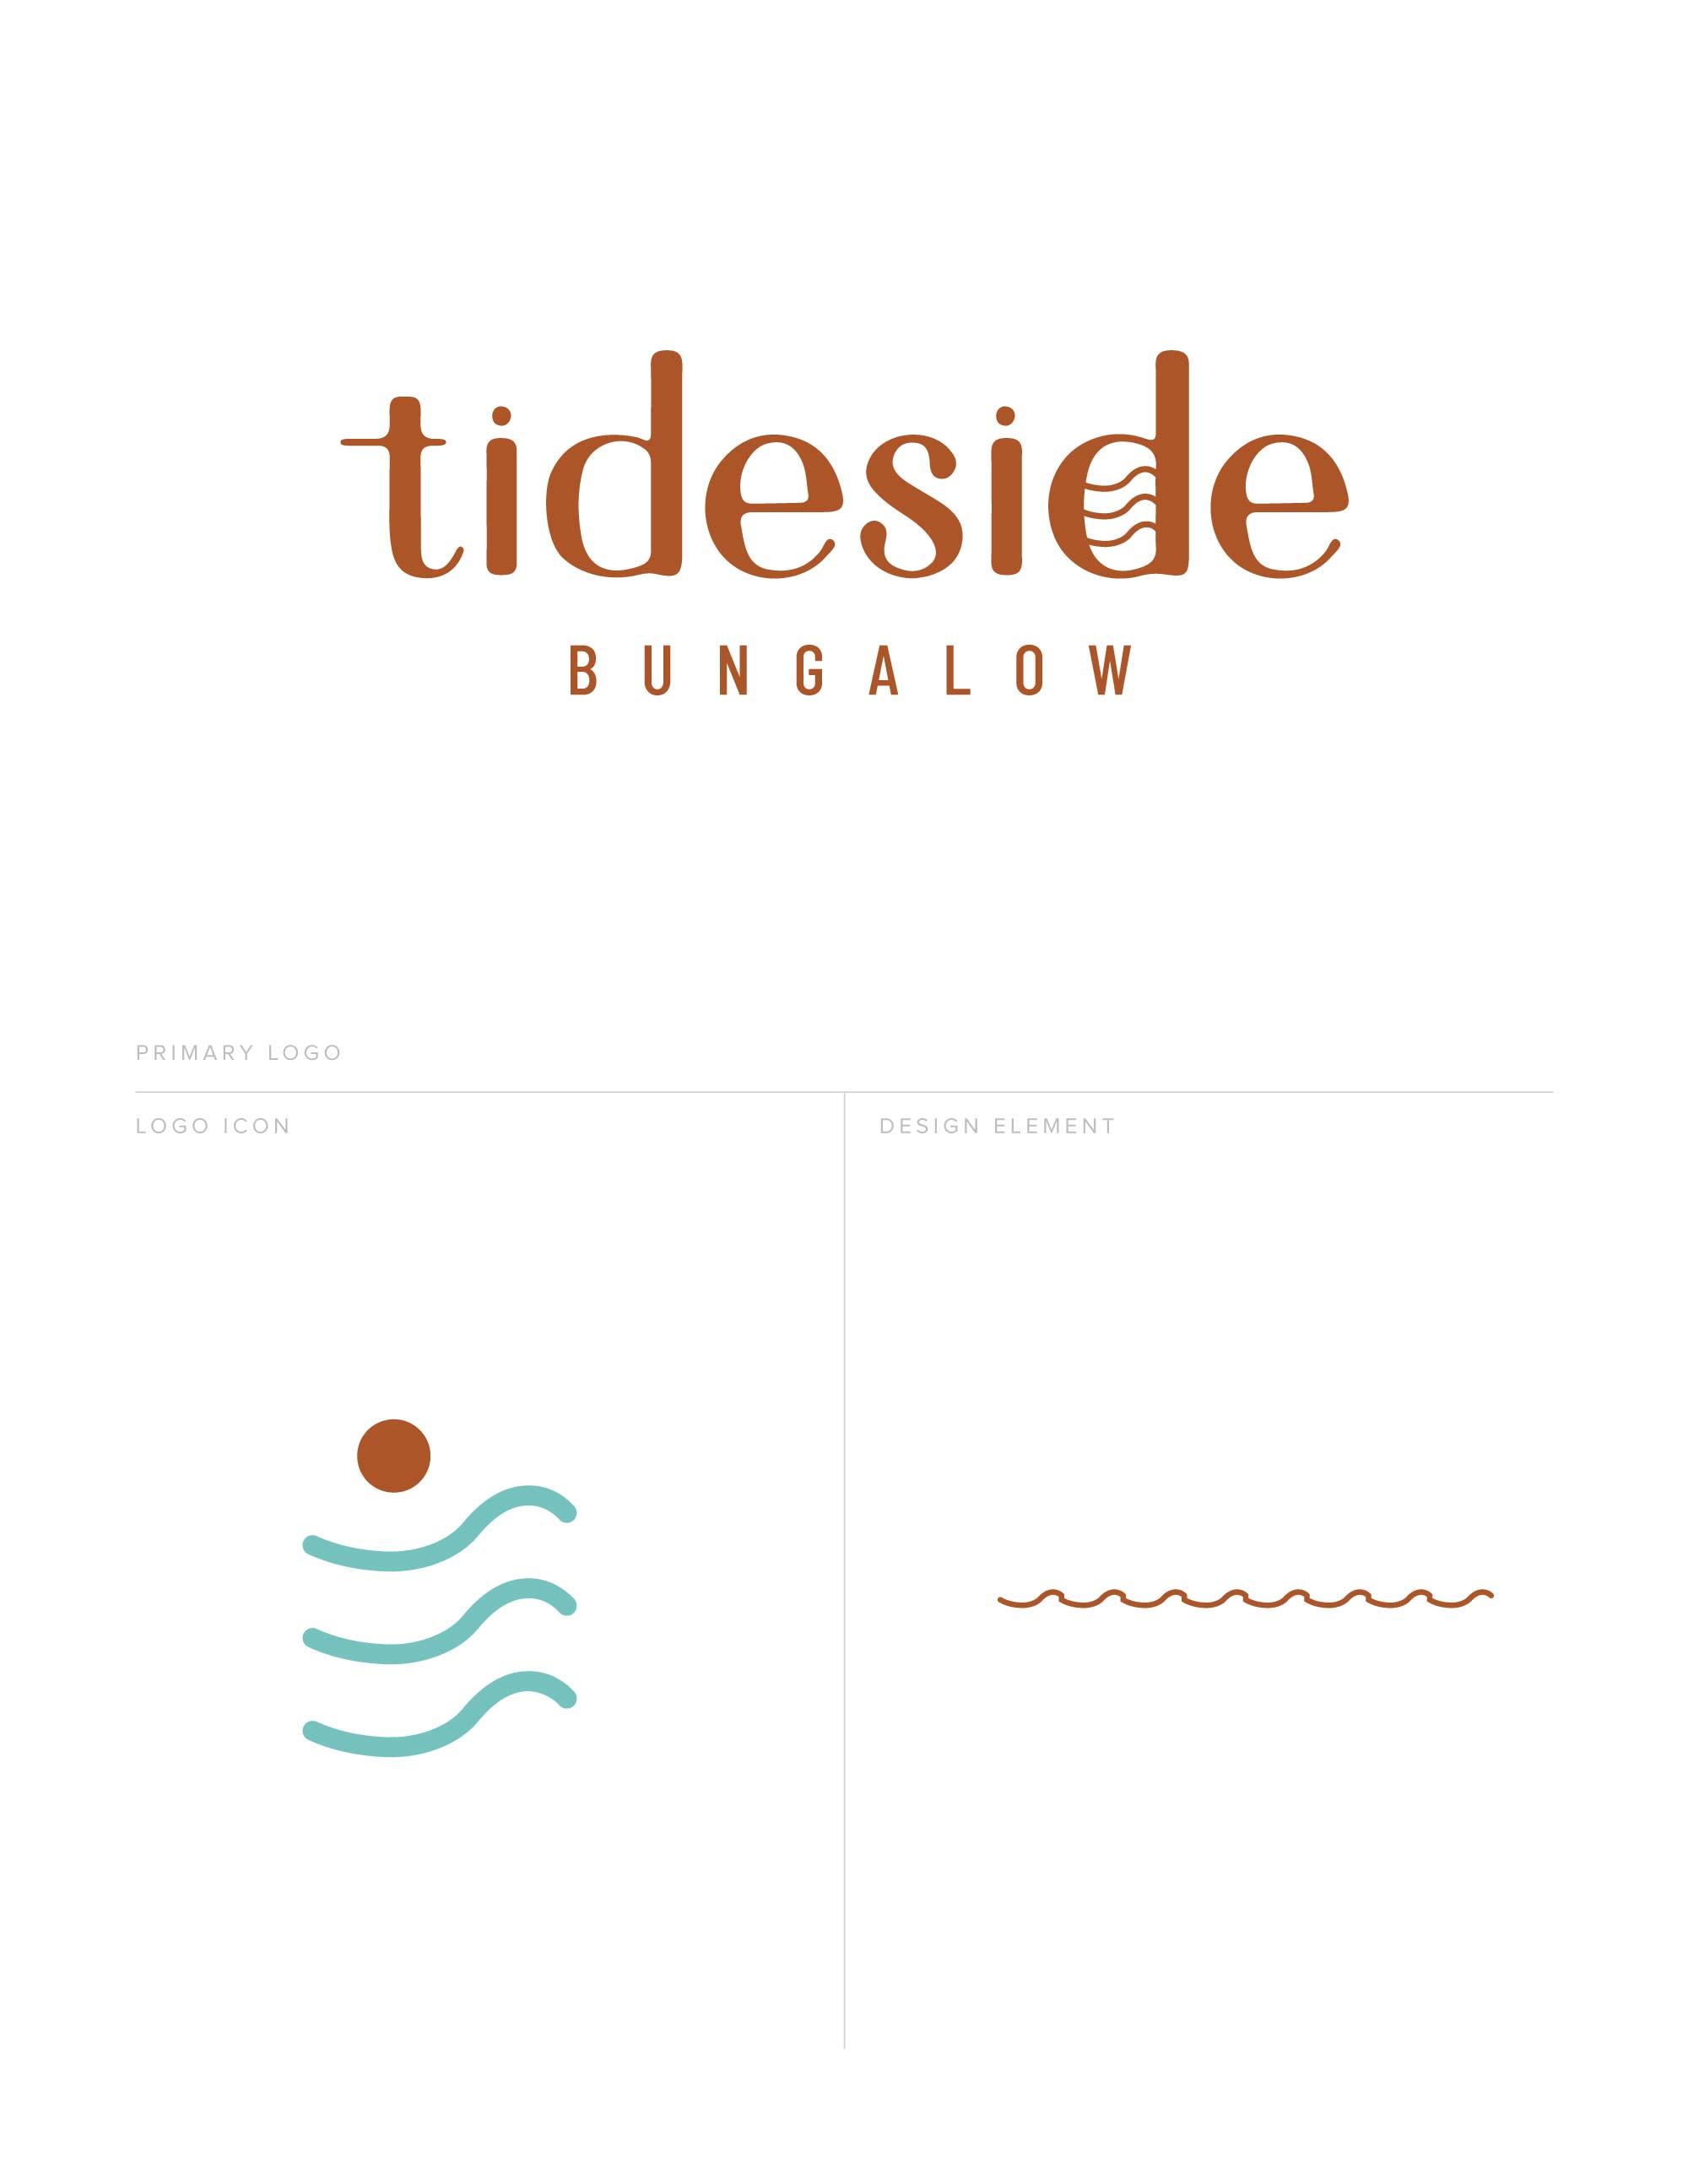 Tideside_brand.jpg